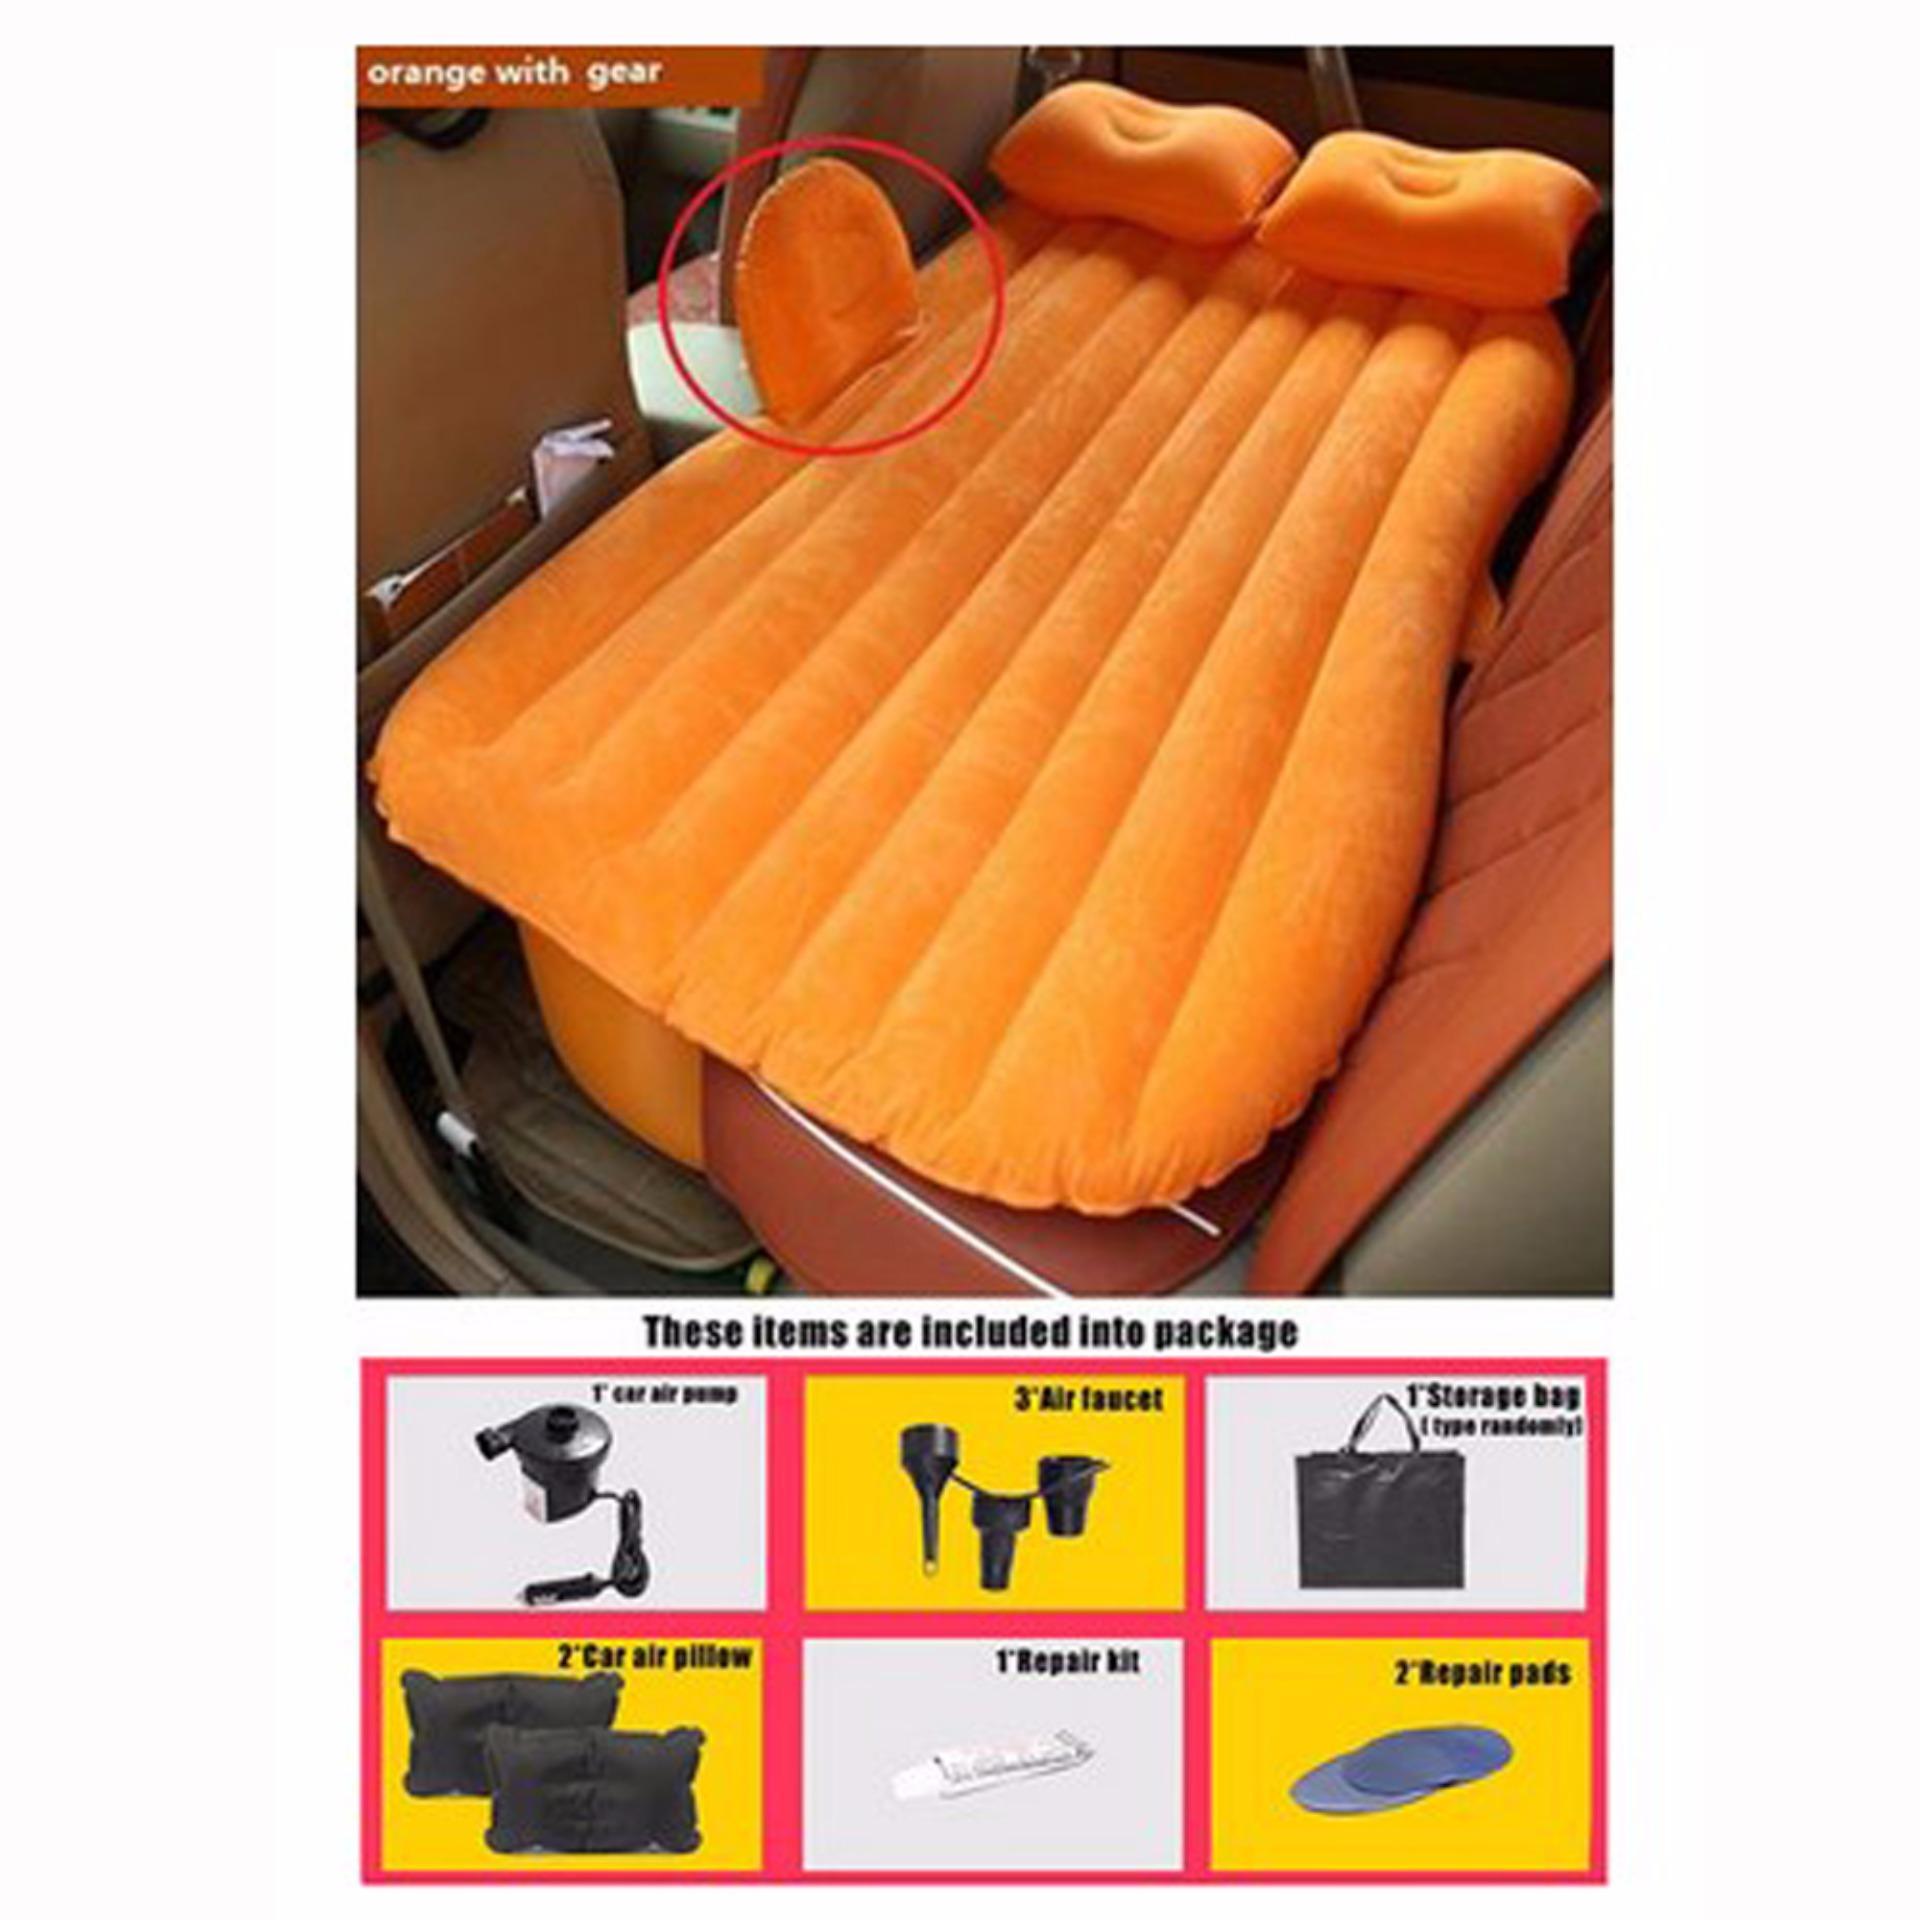 Kasur Mobil Matras Mobil Serbaguna Untuk Piknik Camping Rekreasi Renang Tidur Persiapan Lebaran Sofa Dadakan Orange